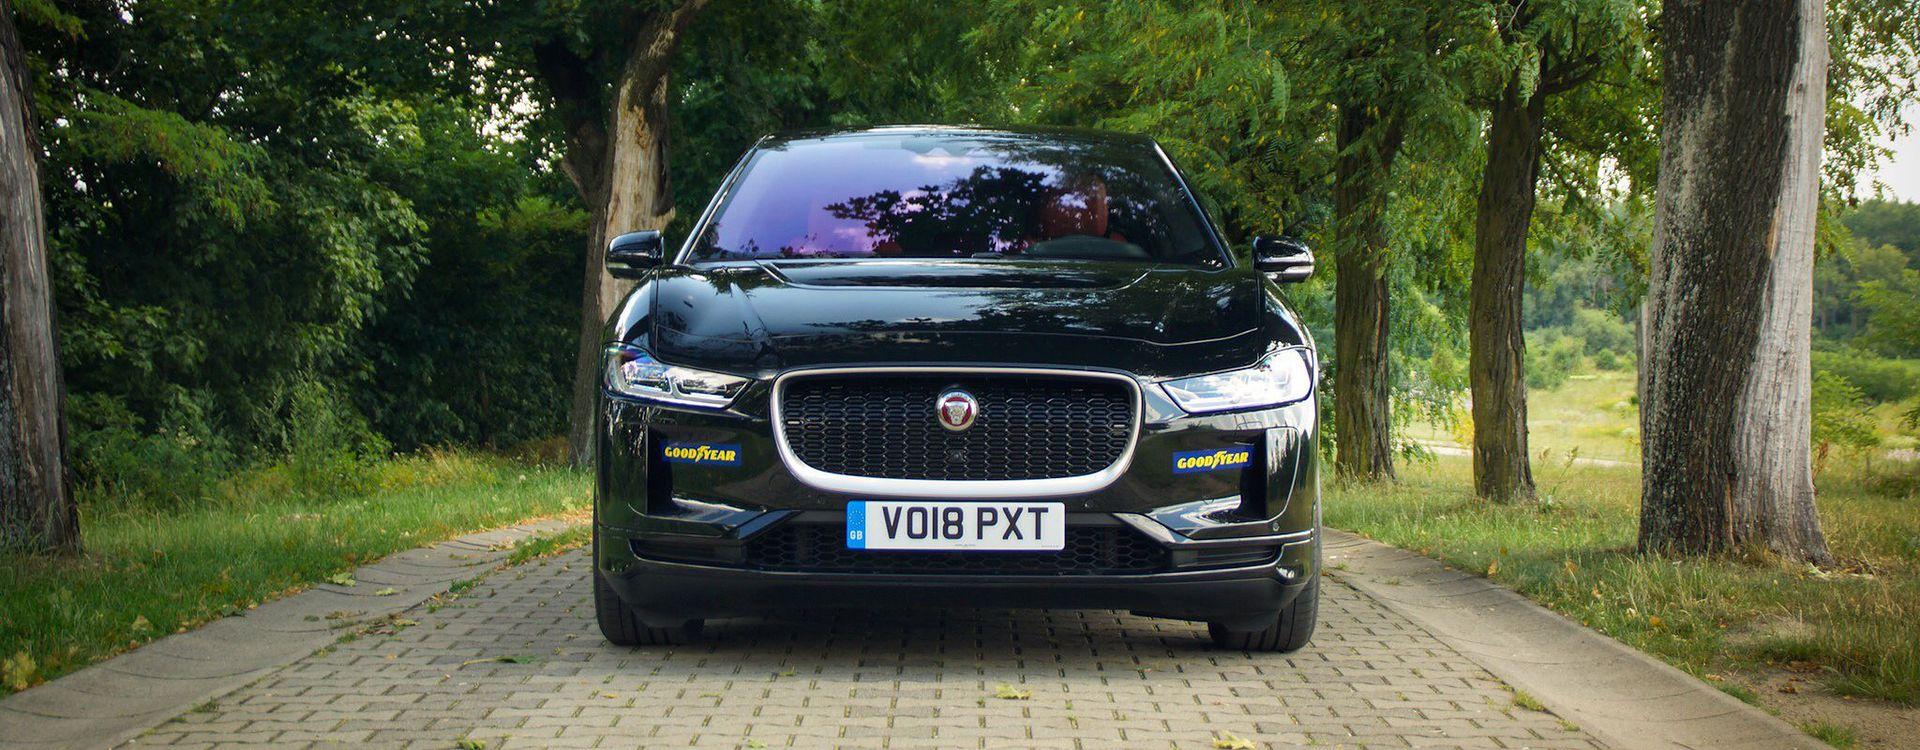 Jaguar I-Pace od frontu ma więcej wspólnego z limuzyną XJ niż SUV-ami marki.